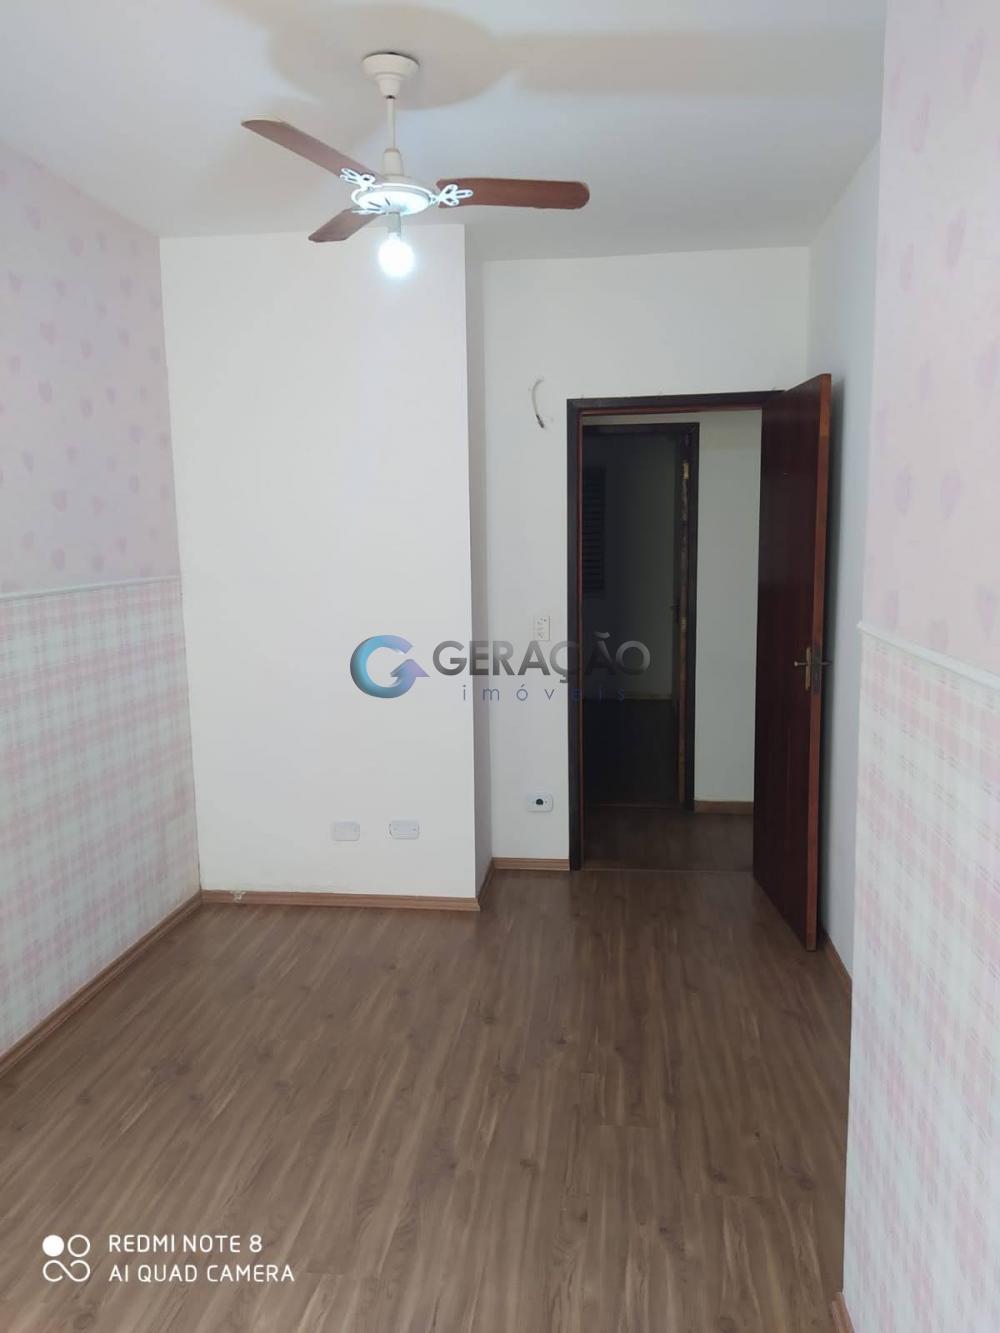 Alugar Casa / Sobrado em São José dos Campos R$ 2.250,00 - Foto 6